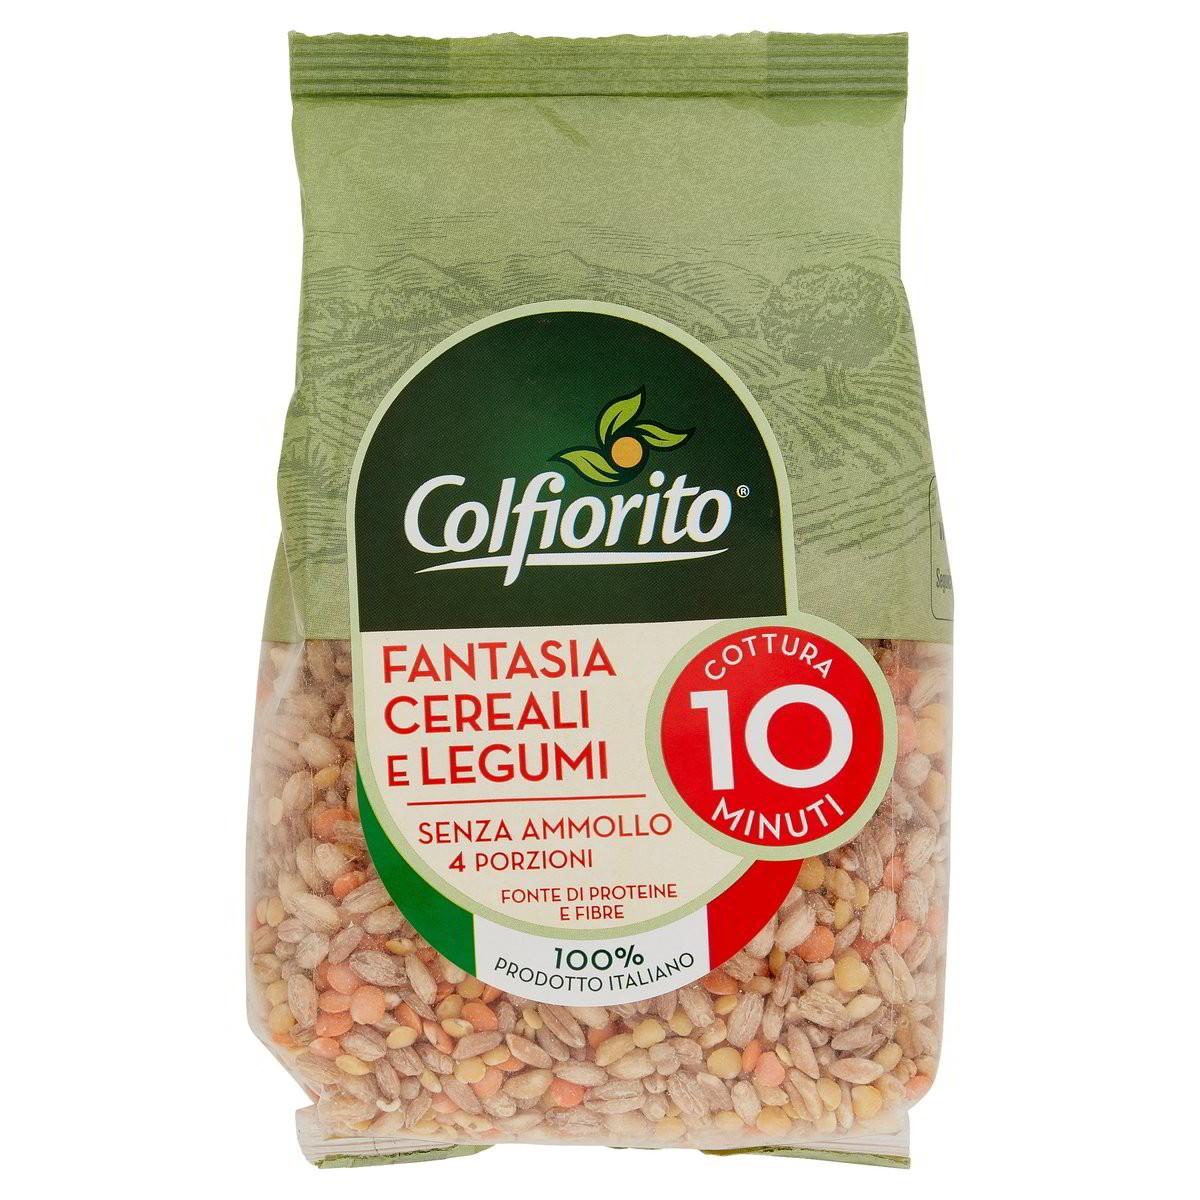 Colfiorito Fantasia Di Cereali E Legumi